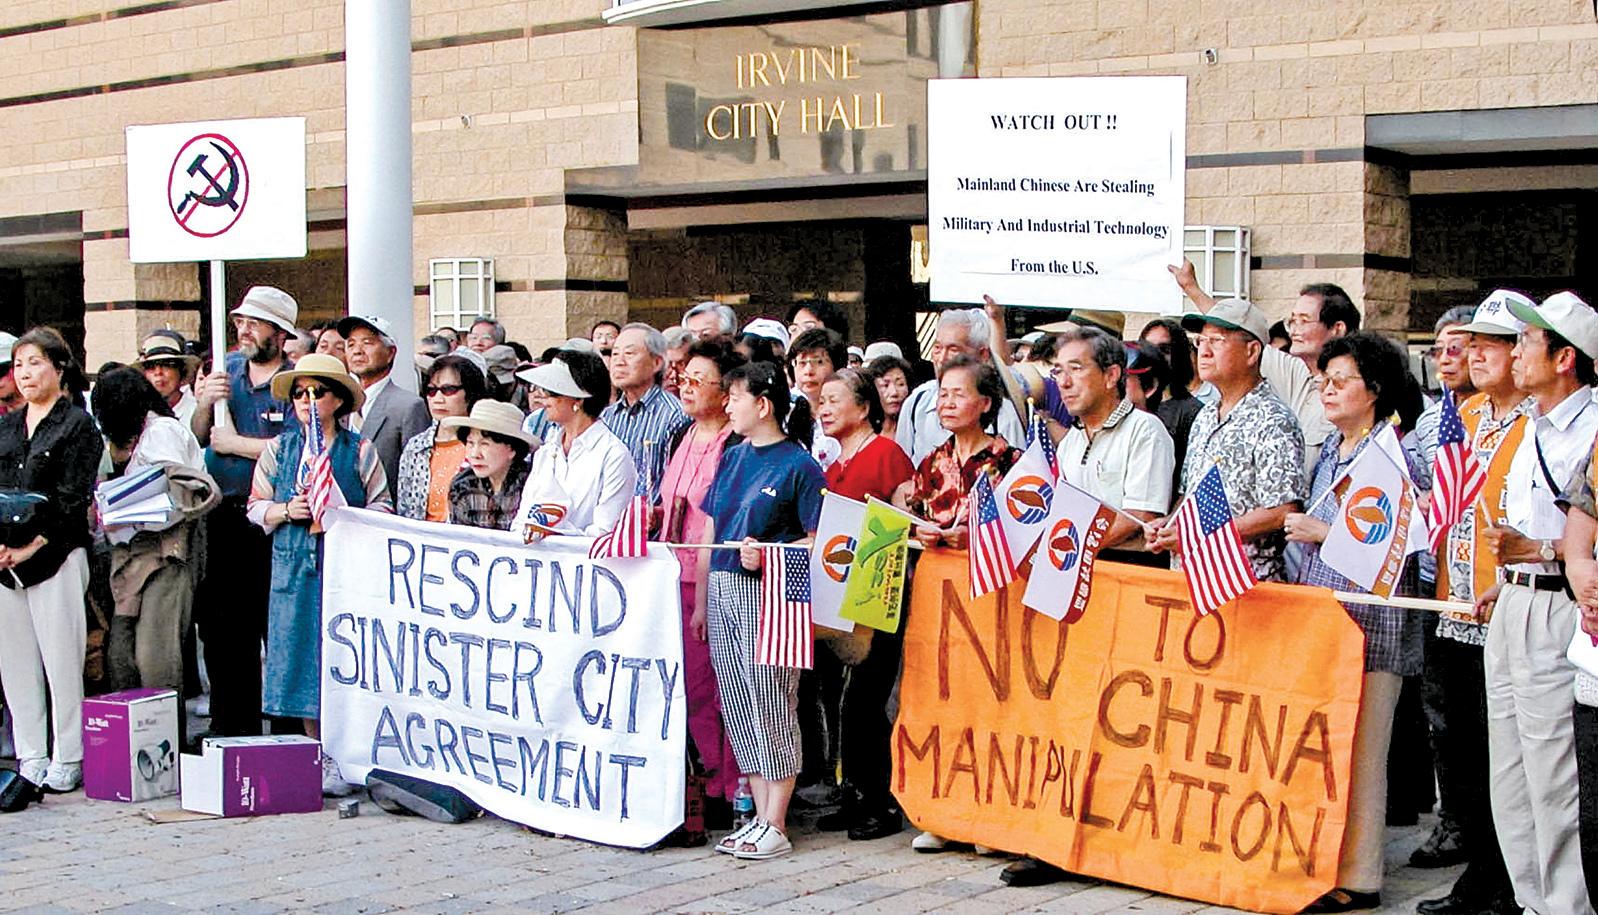 2006年美國加州橙縣爾灣市與大陸上海徐匯區簽署了姐妹市,其合約中有:遵照中共一方主張,簽署一份承諾「一個中國」原則。為此,6月27日,近400位旅居南加州的台灣移民,在市政府廣場舉行了抗議活動。(袁玫∕大紀元)